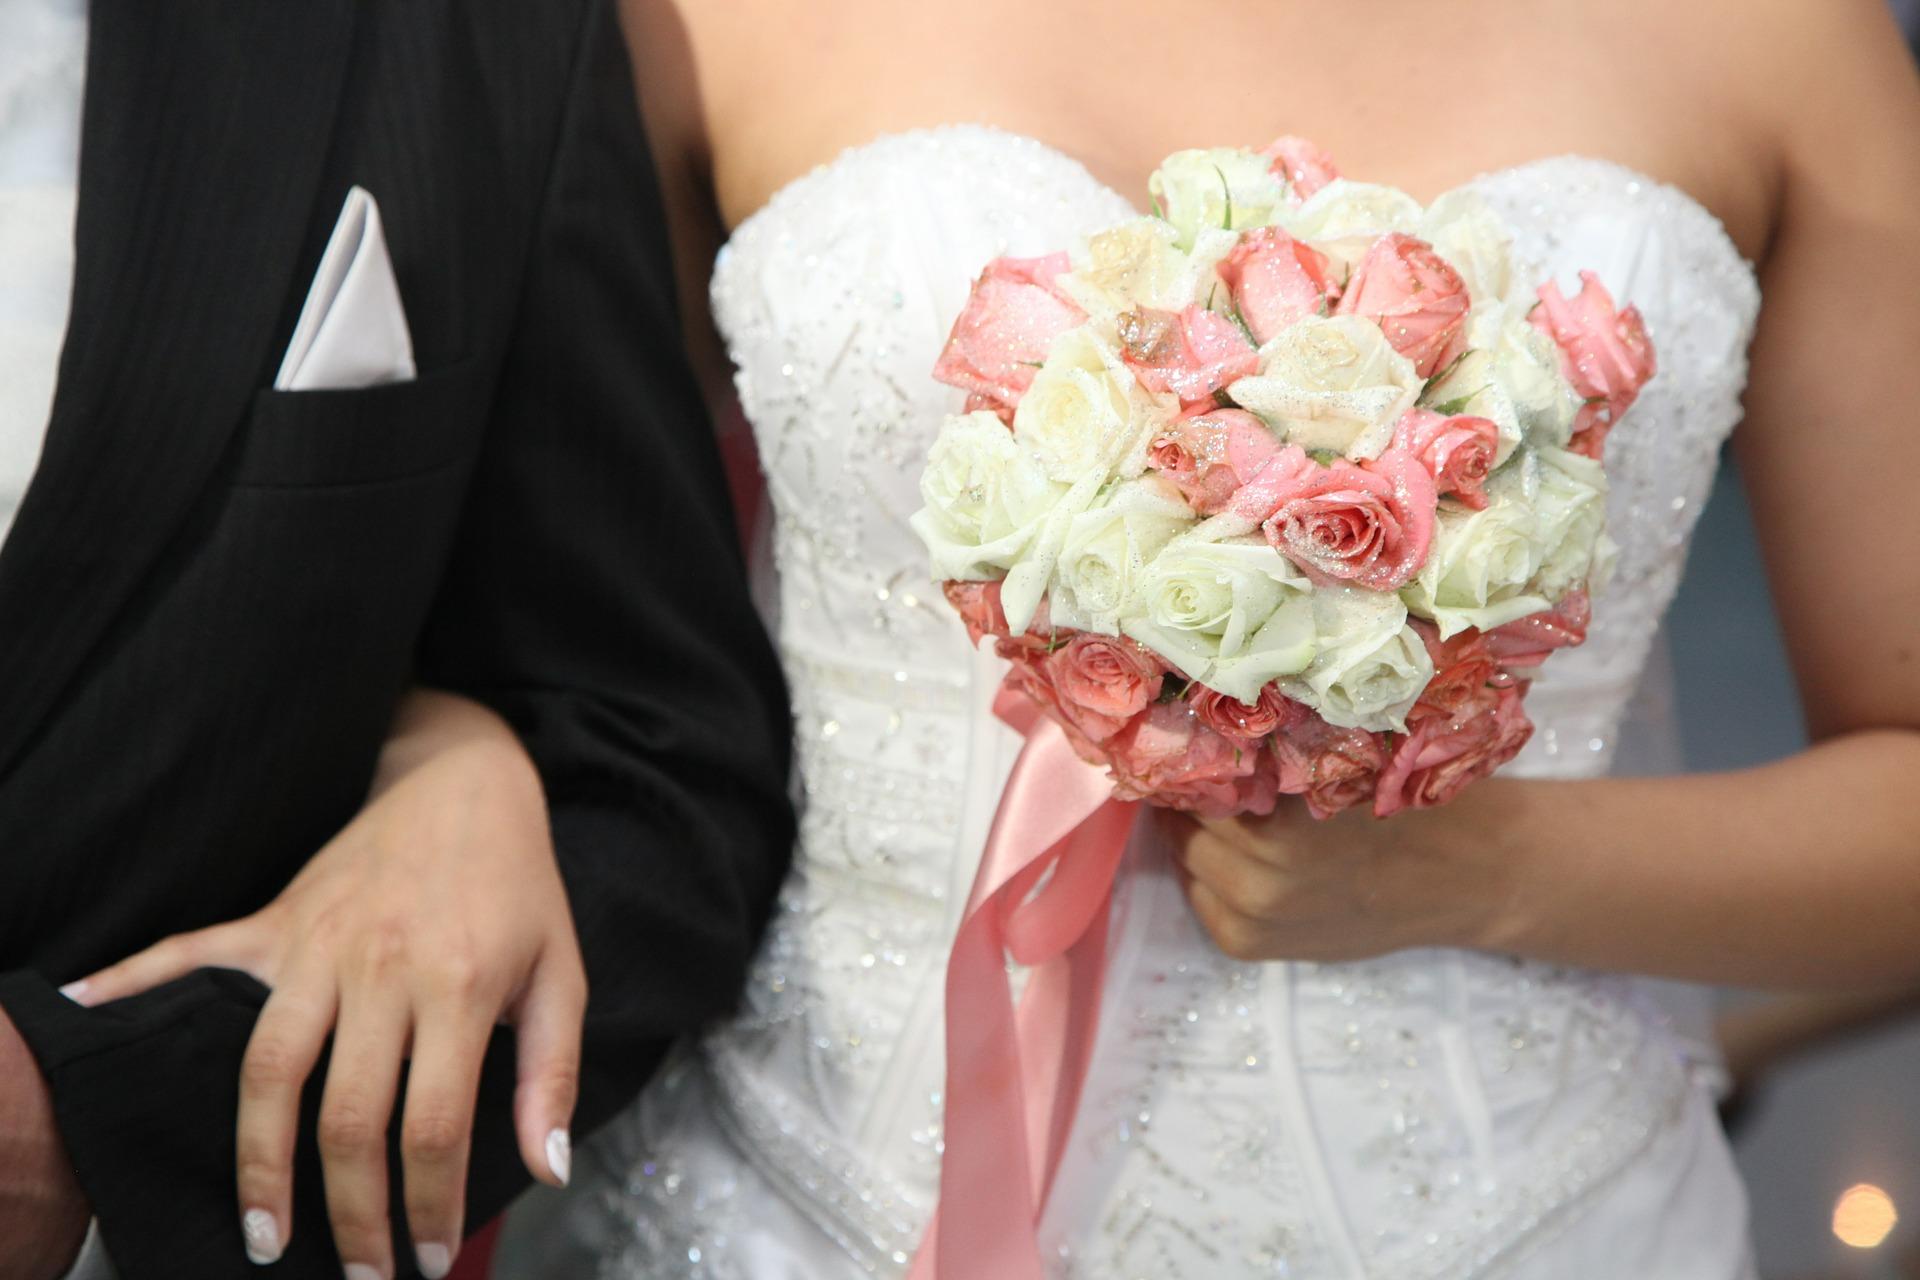 【タロット占い】今好きな人と結婚の可能性はある?